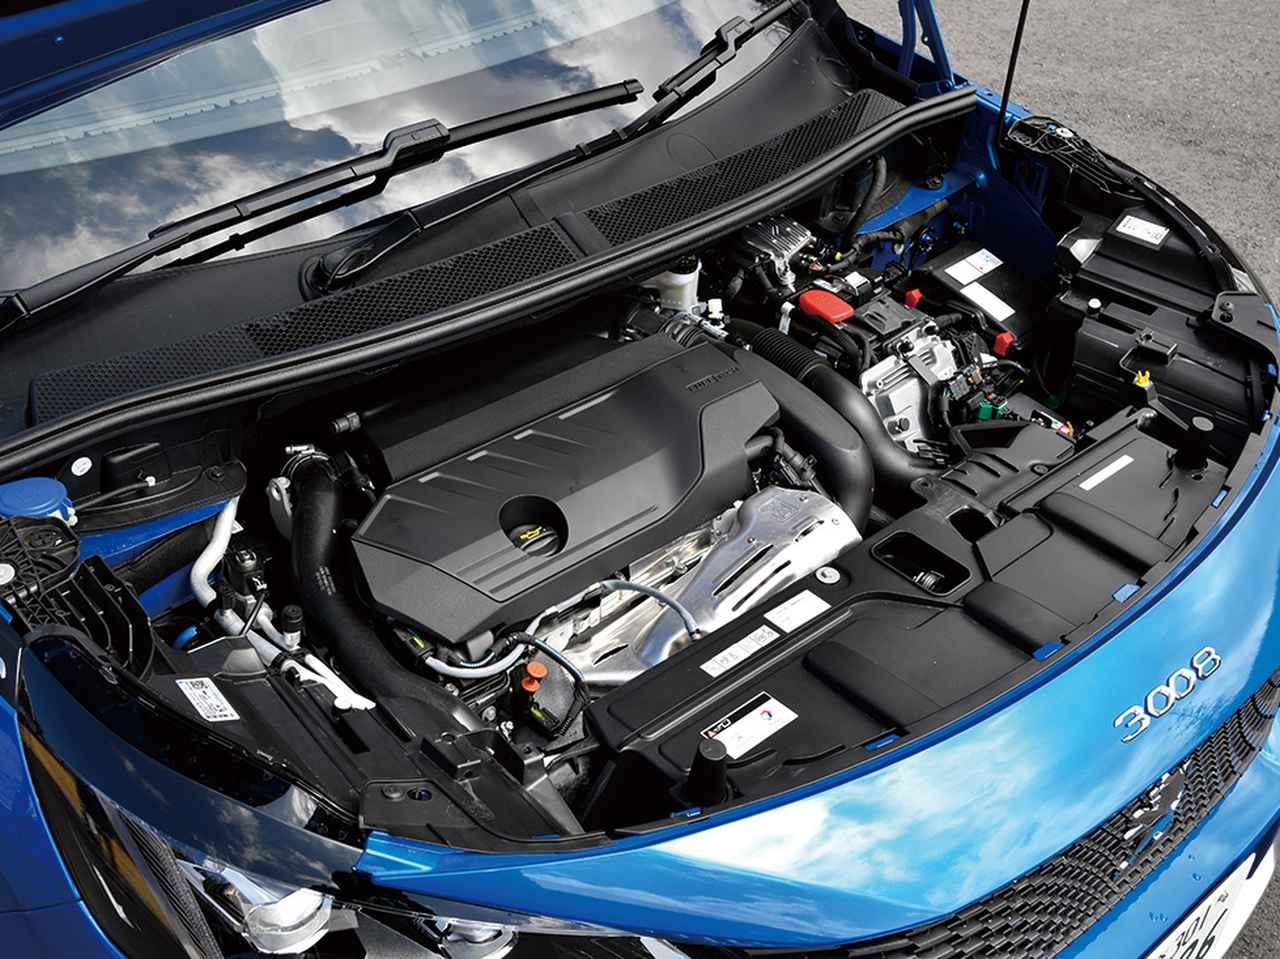 画像: 3008GTハイブリッド4。直4ターボと電気モーターの組み合わせで、システム出力は300ps/520Nmを発生。ブランド初の4WDシステムも採用。